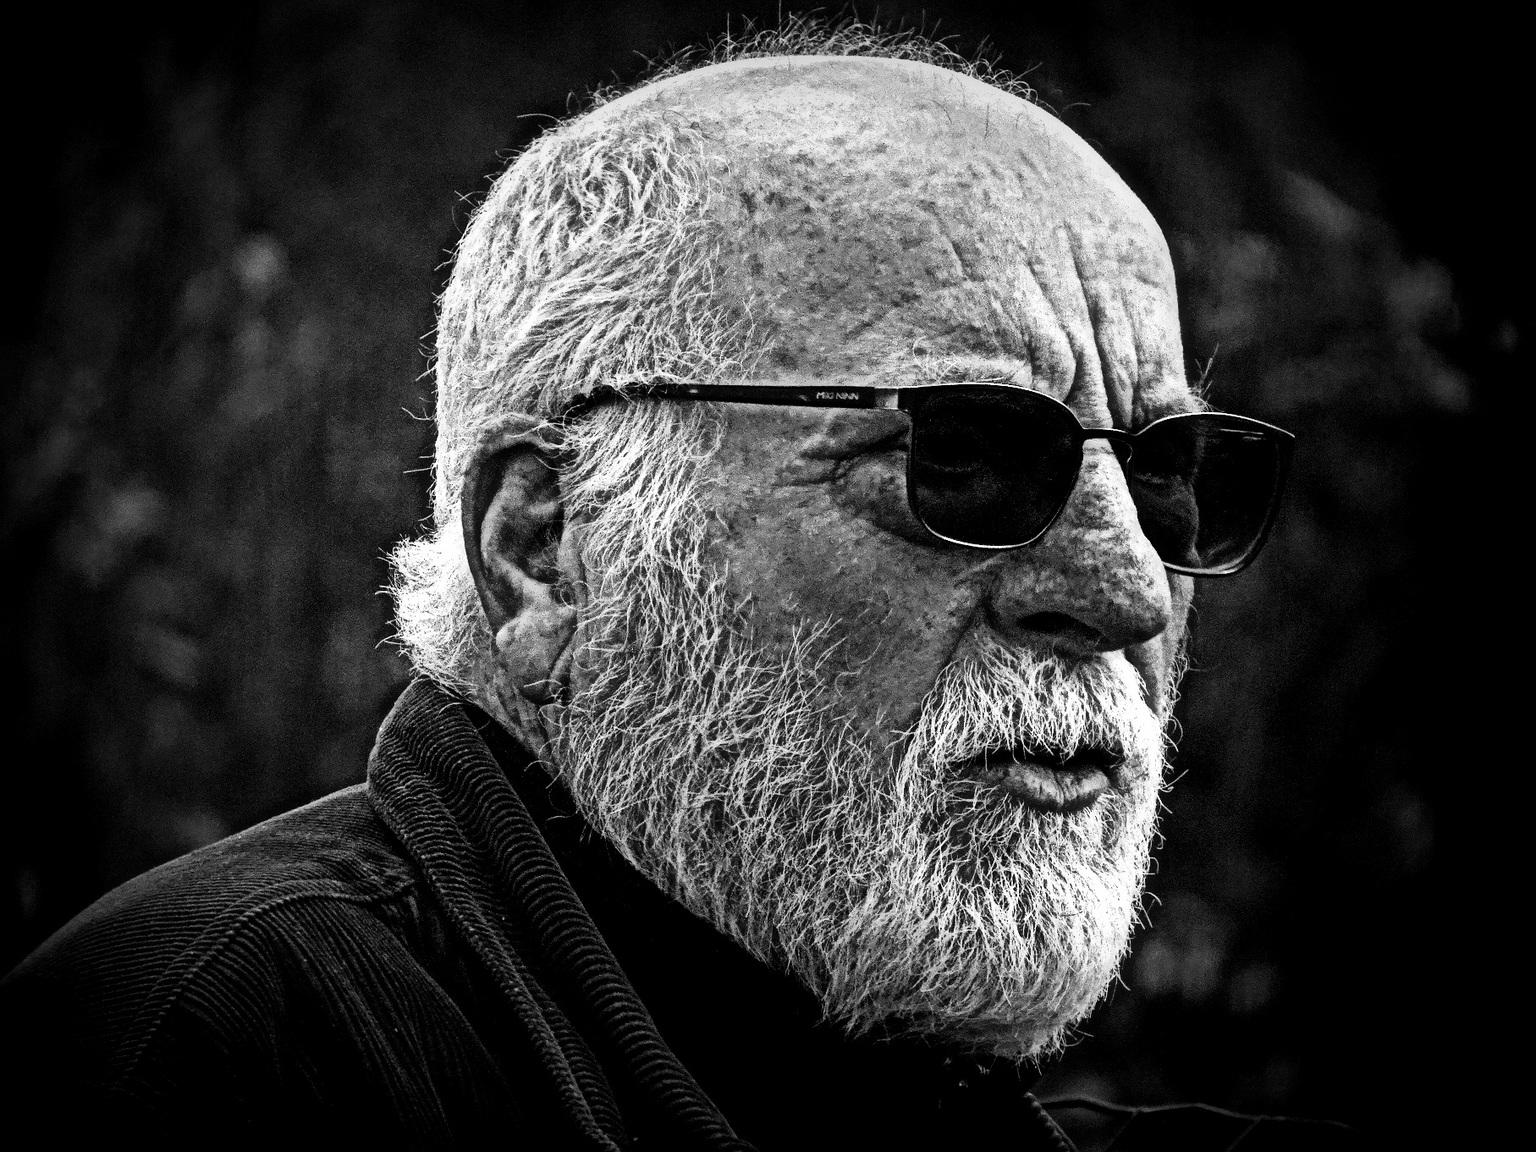 The man - Zo gemakkelijk is het niet. - foto door jan.pijper op 16-04-2021 - deze foto bevat: bril, oogzorg, baard, stofbril, brillen, kaak, flitsfotografie, zonnebril, grijs, zwart en wit